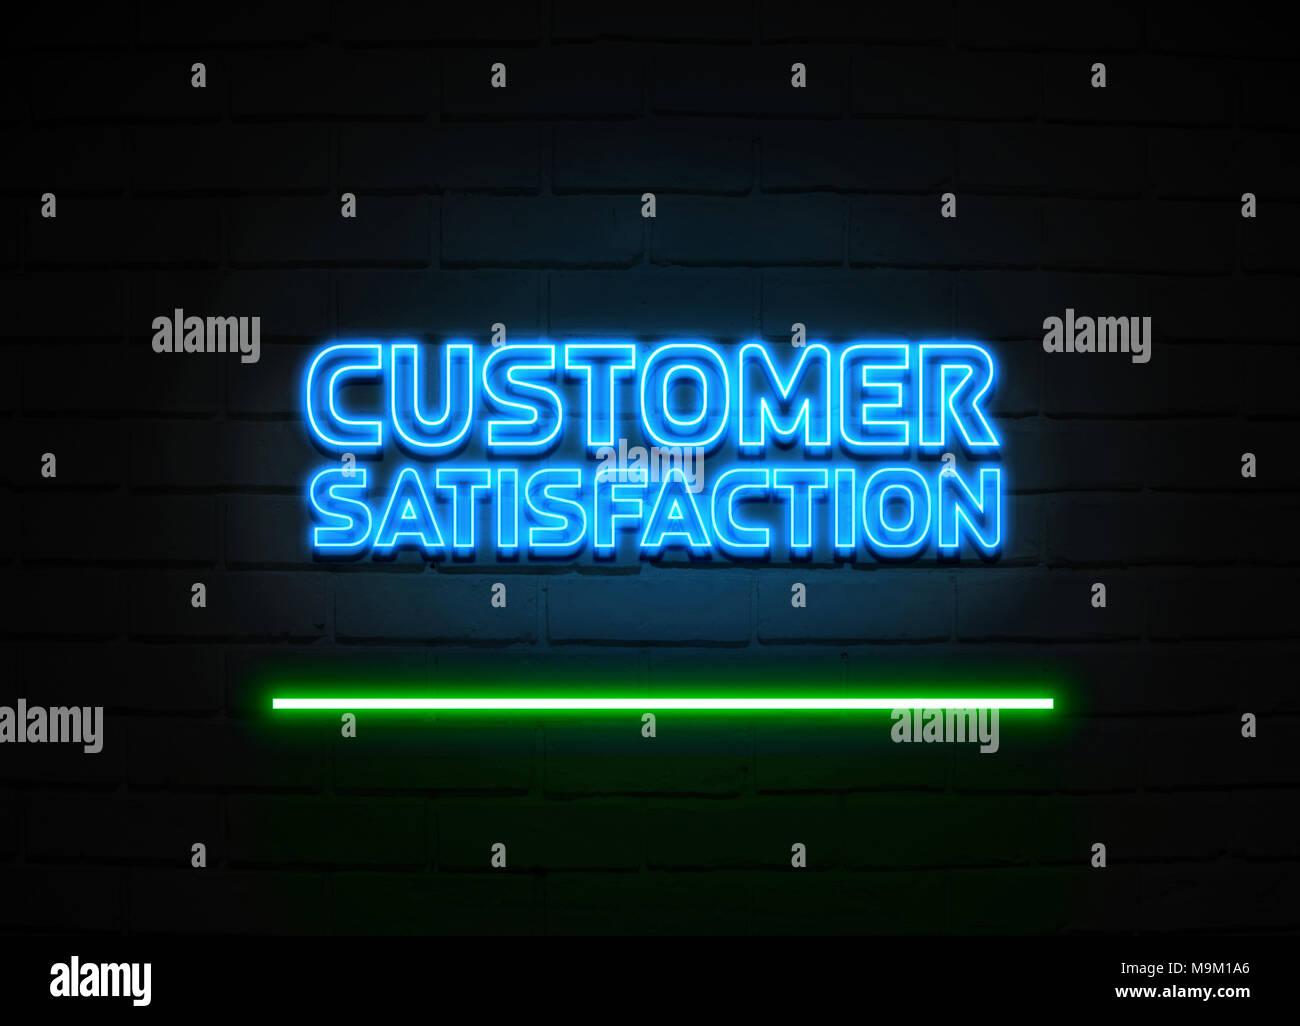 Kundenzufriedenheit Leuchtreklame - glühende Leuchtreklame auf brickwall Wand - 3D-Royalty Free Stock Illustration dargestellt. Stockbild